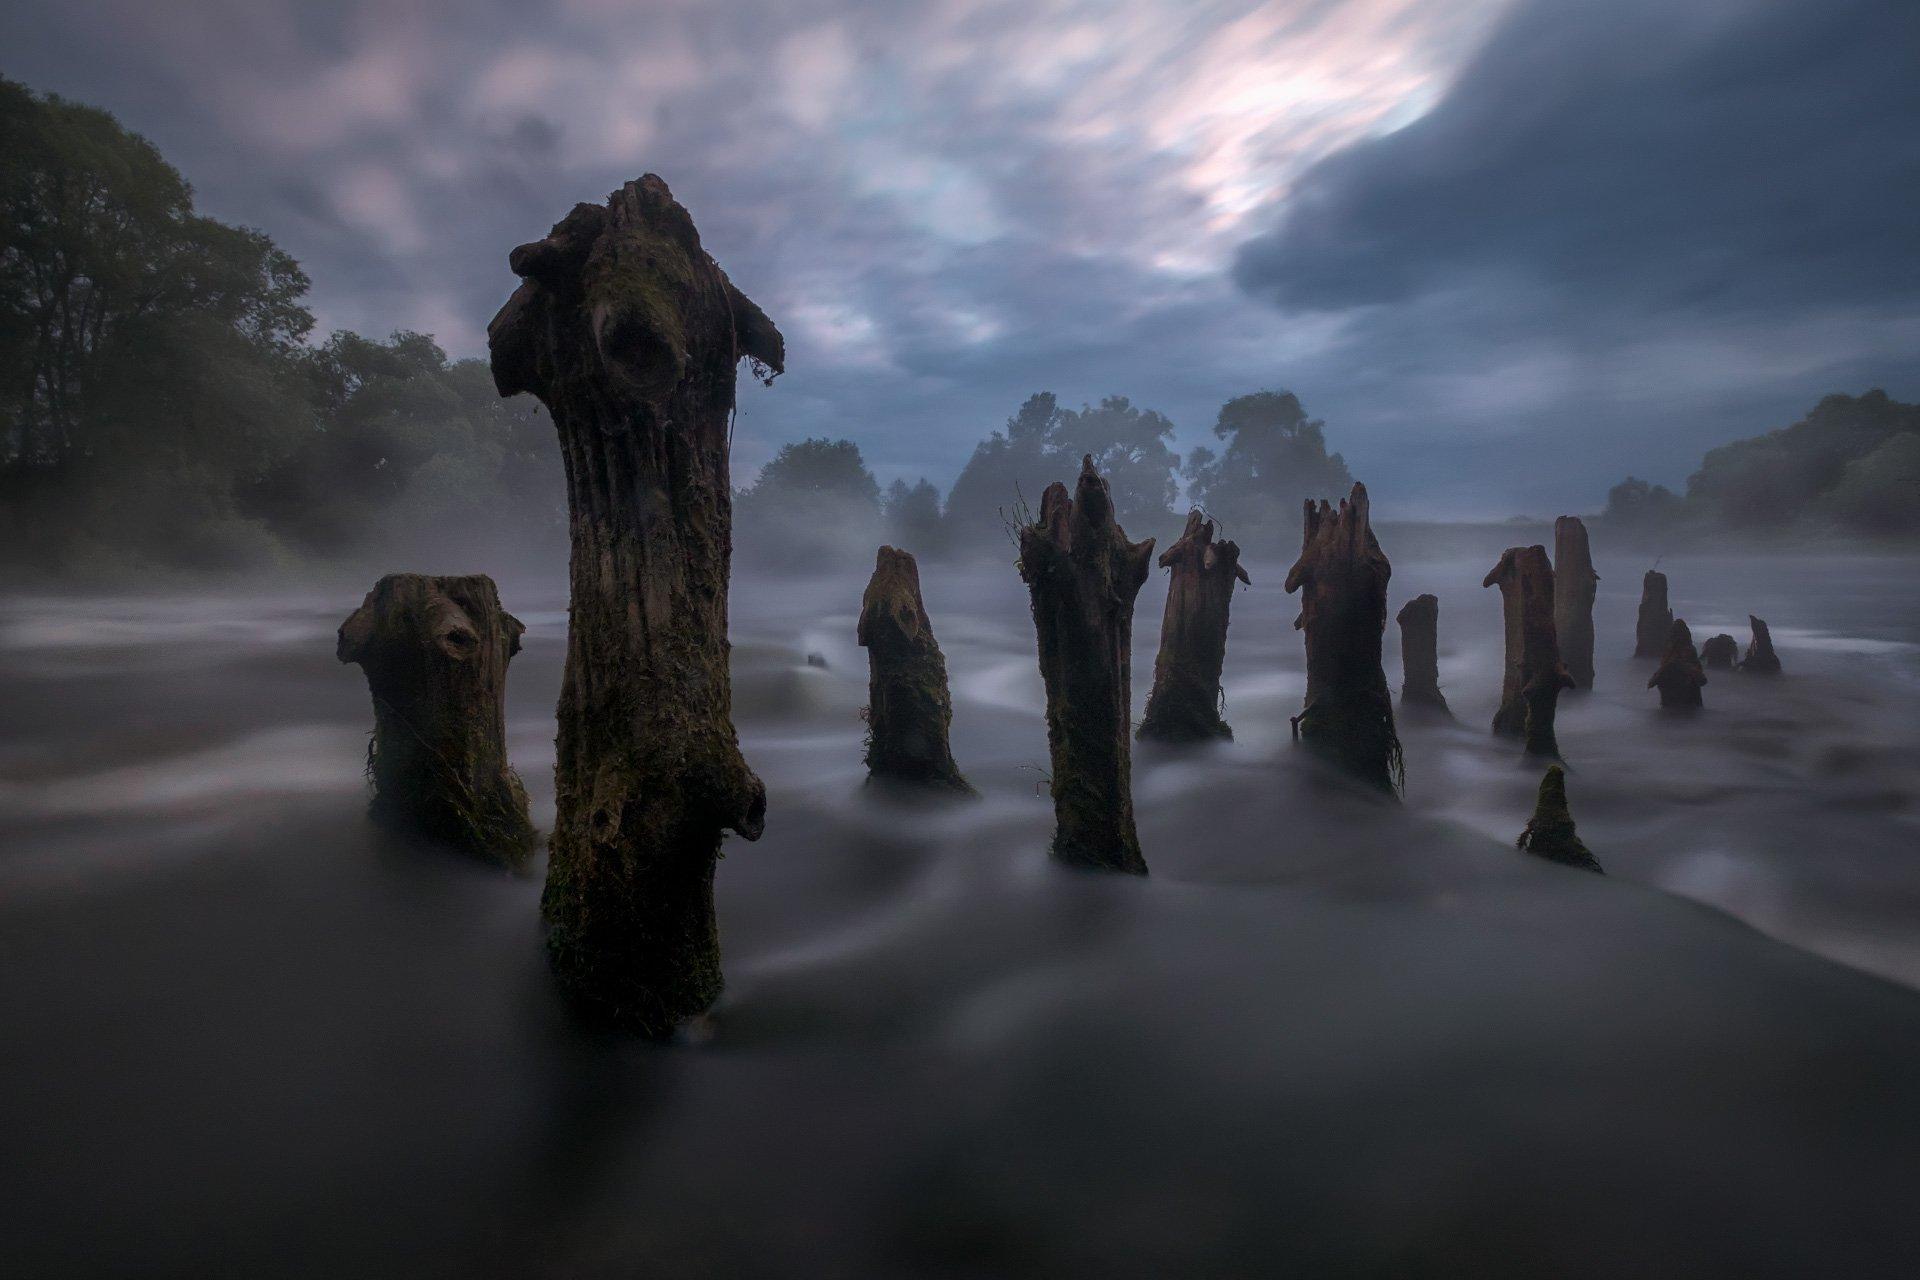 пейзаж, протва, юрятино, утро, рассвет, столбы, дамба, мельница, порог, вода, туман, longexpo, Андрей Чиж